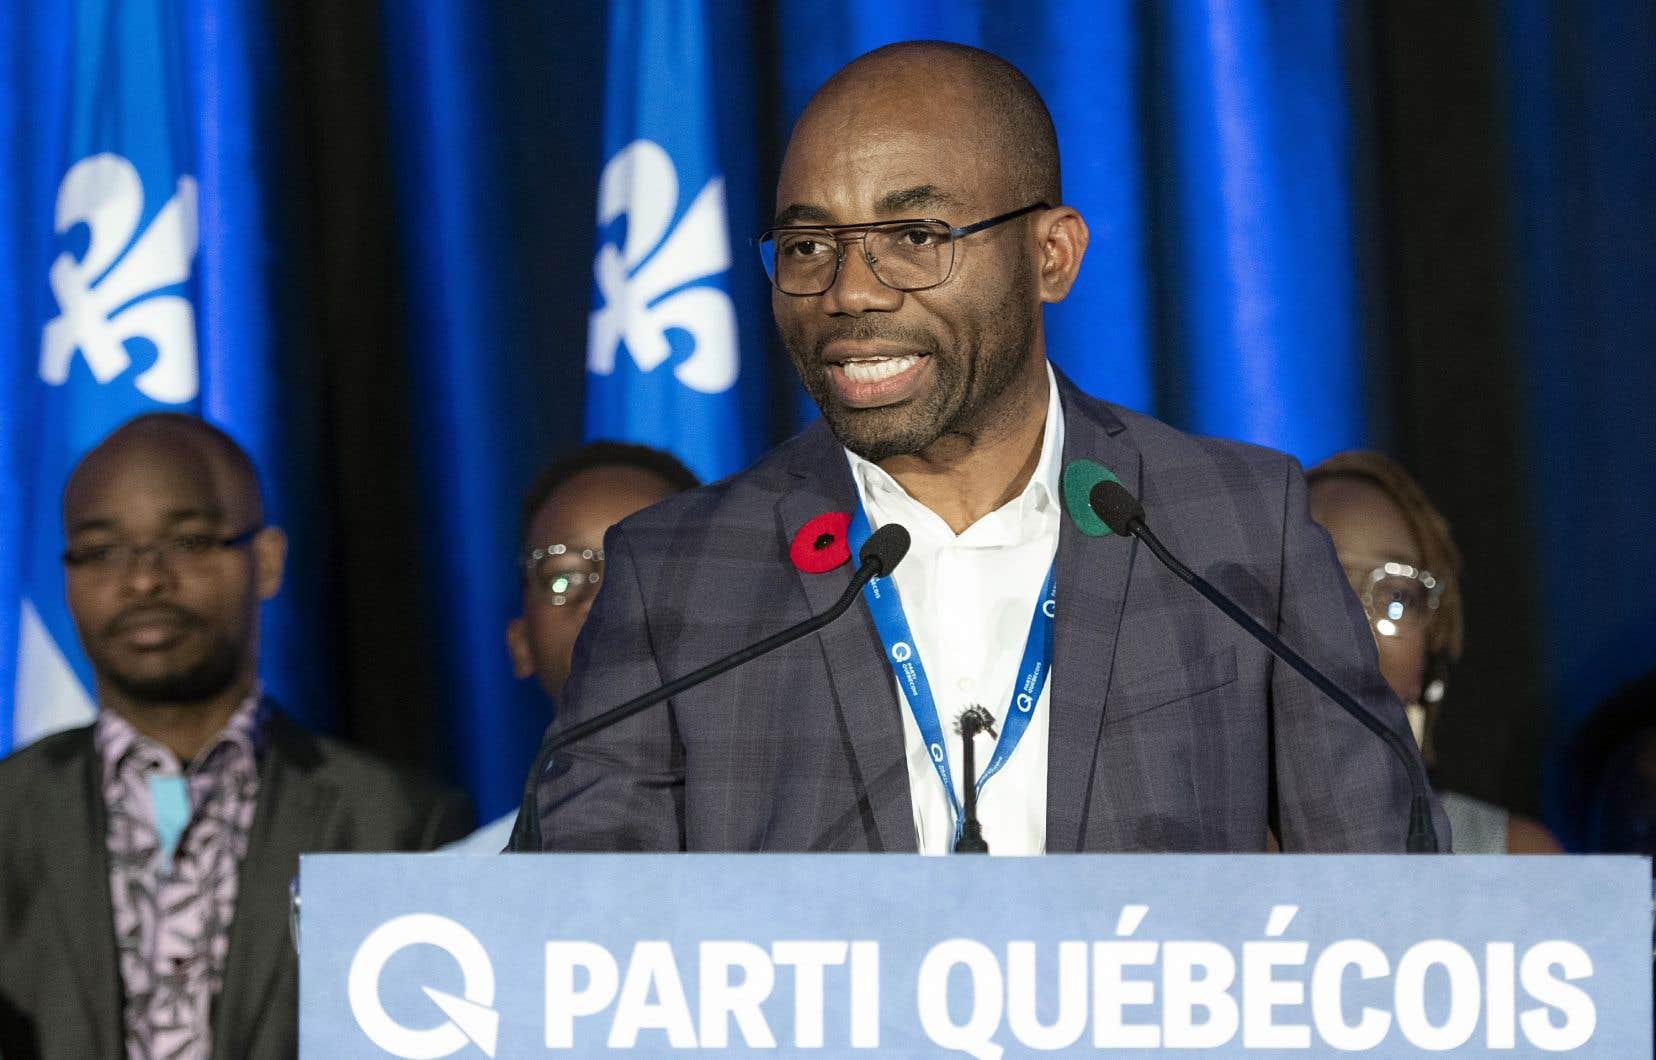 Le nouveau président du Parti québécois, Dieudonné Ella Oyono, a été chaudement ovationné lorsqu'il est monté sur scène, dimanche.